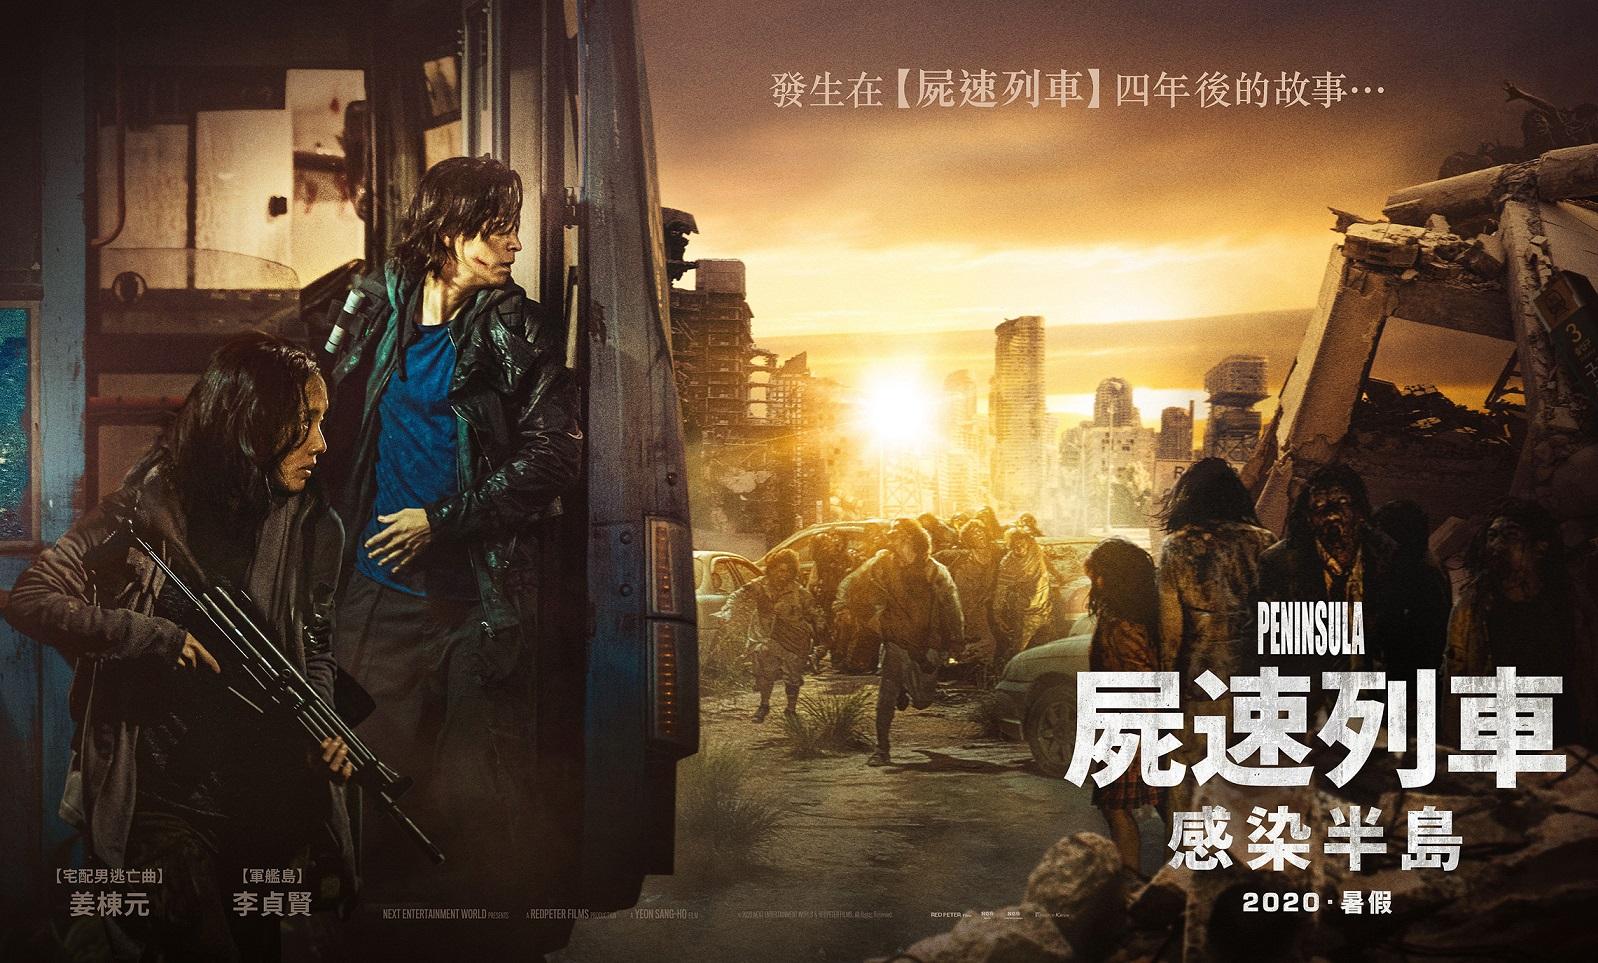 《屍速列車:感染半島》神預言新冠狀病毒 導演延尚昊曝南韓「失守原因」